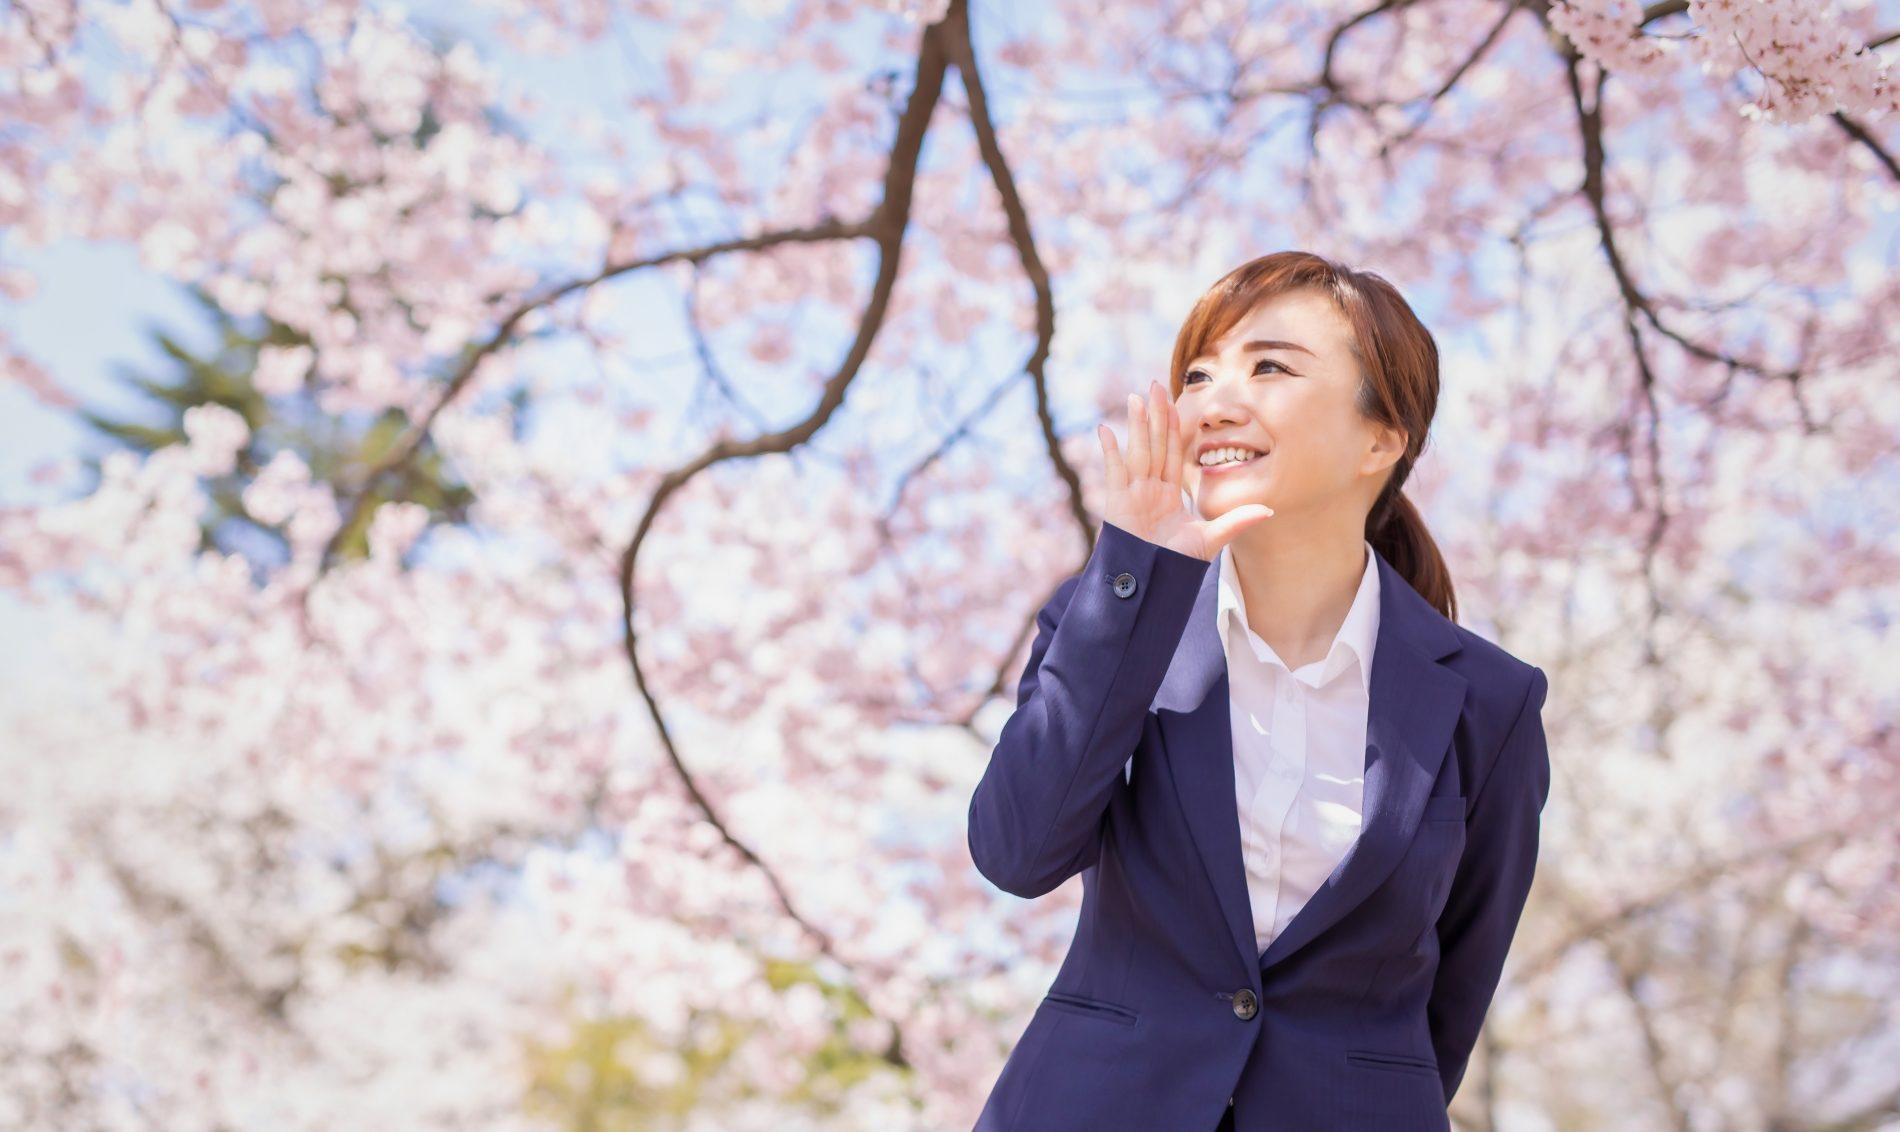 桜の下でポーズをとる女性